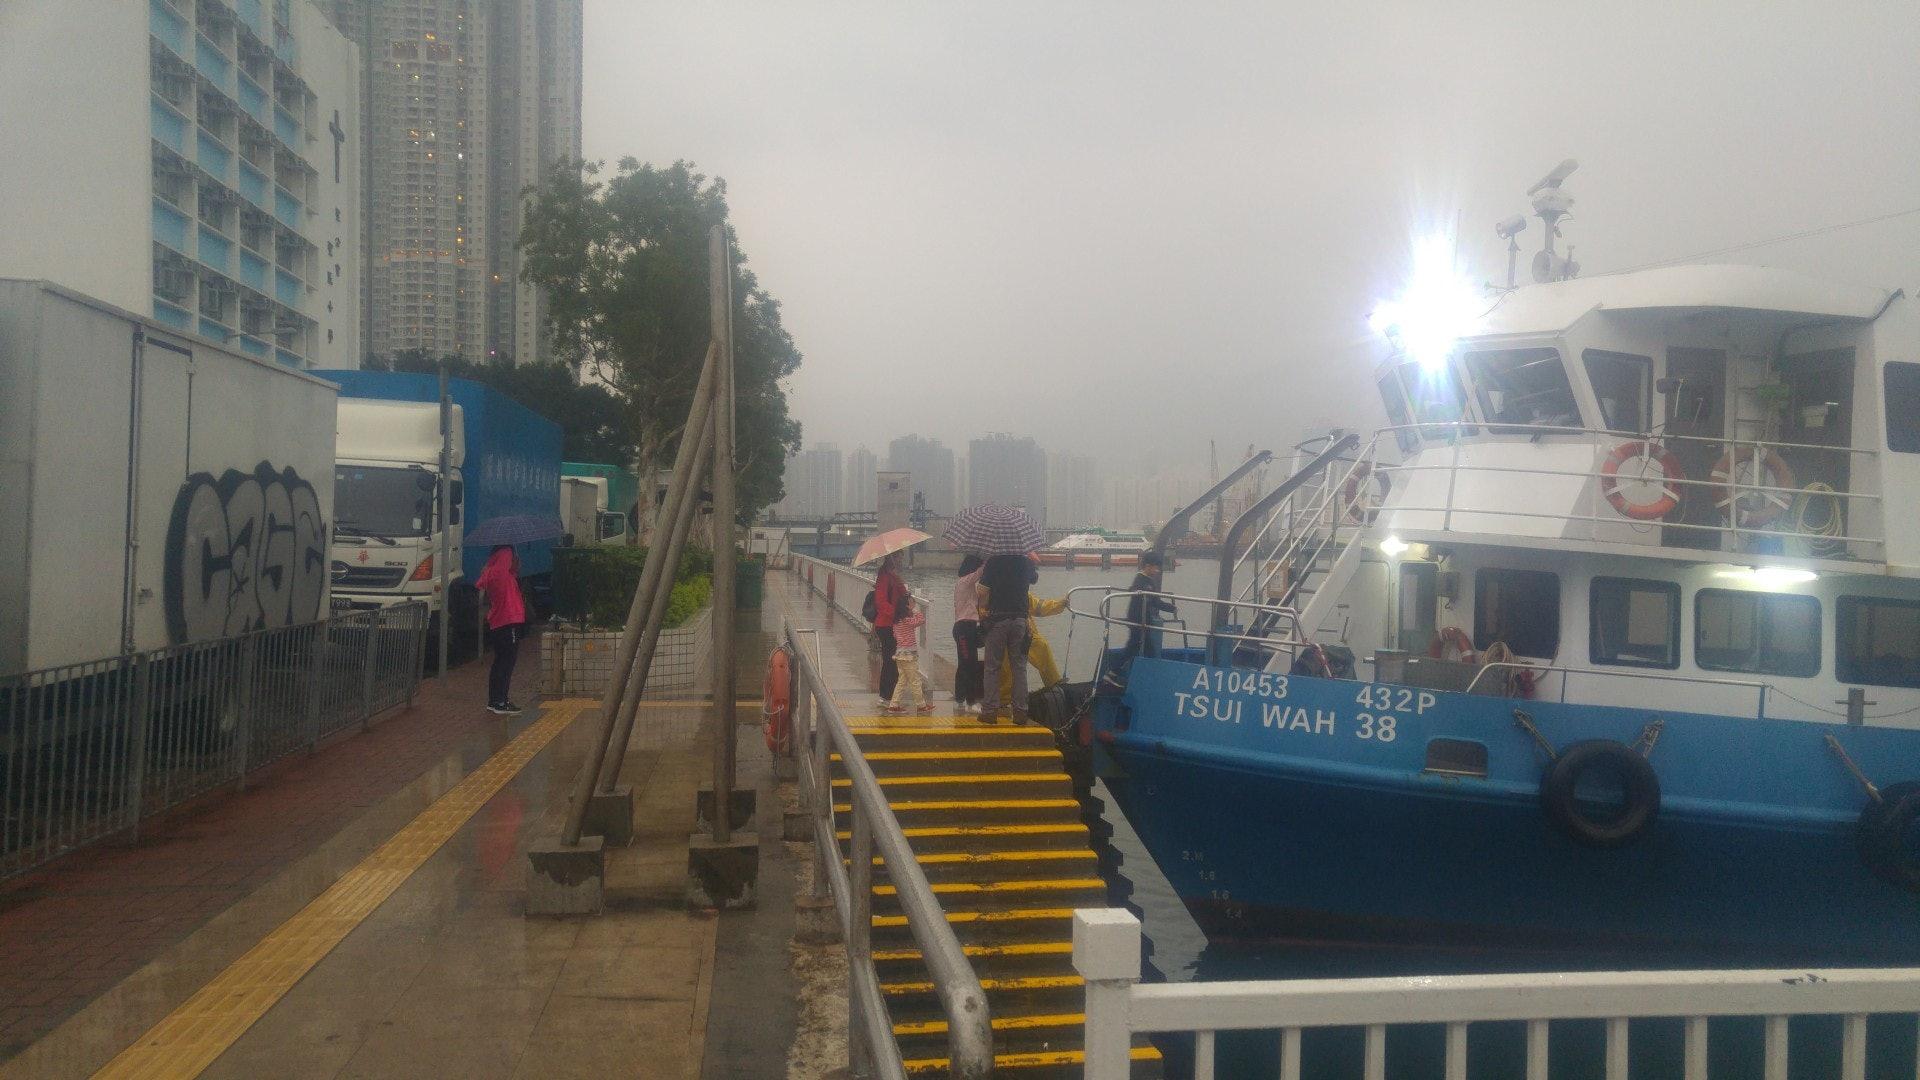 勞動節假期翌日,有人於景雲街登岸梯級登船,惟未見人龍。(林振華攝)